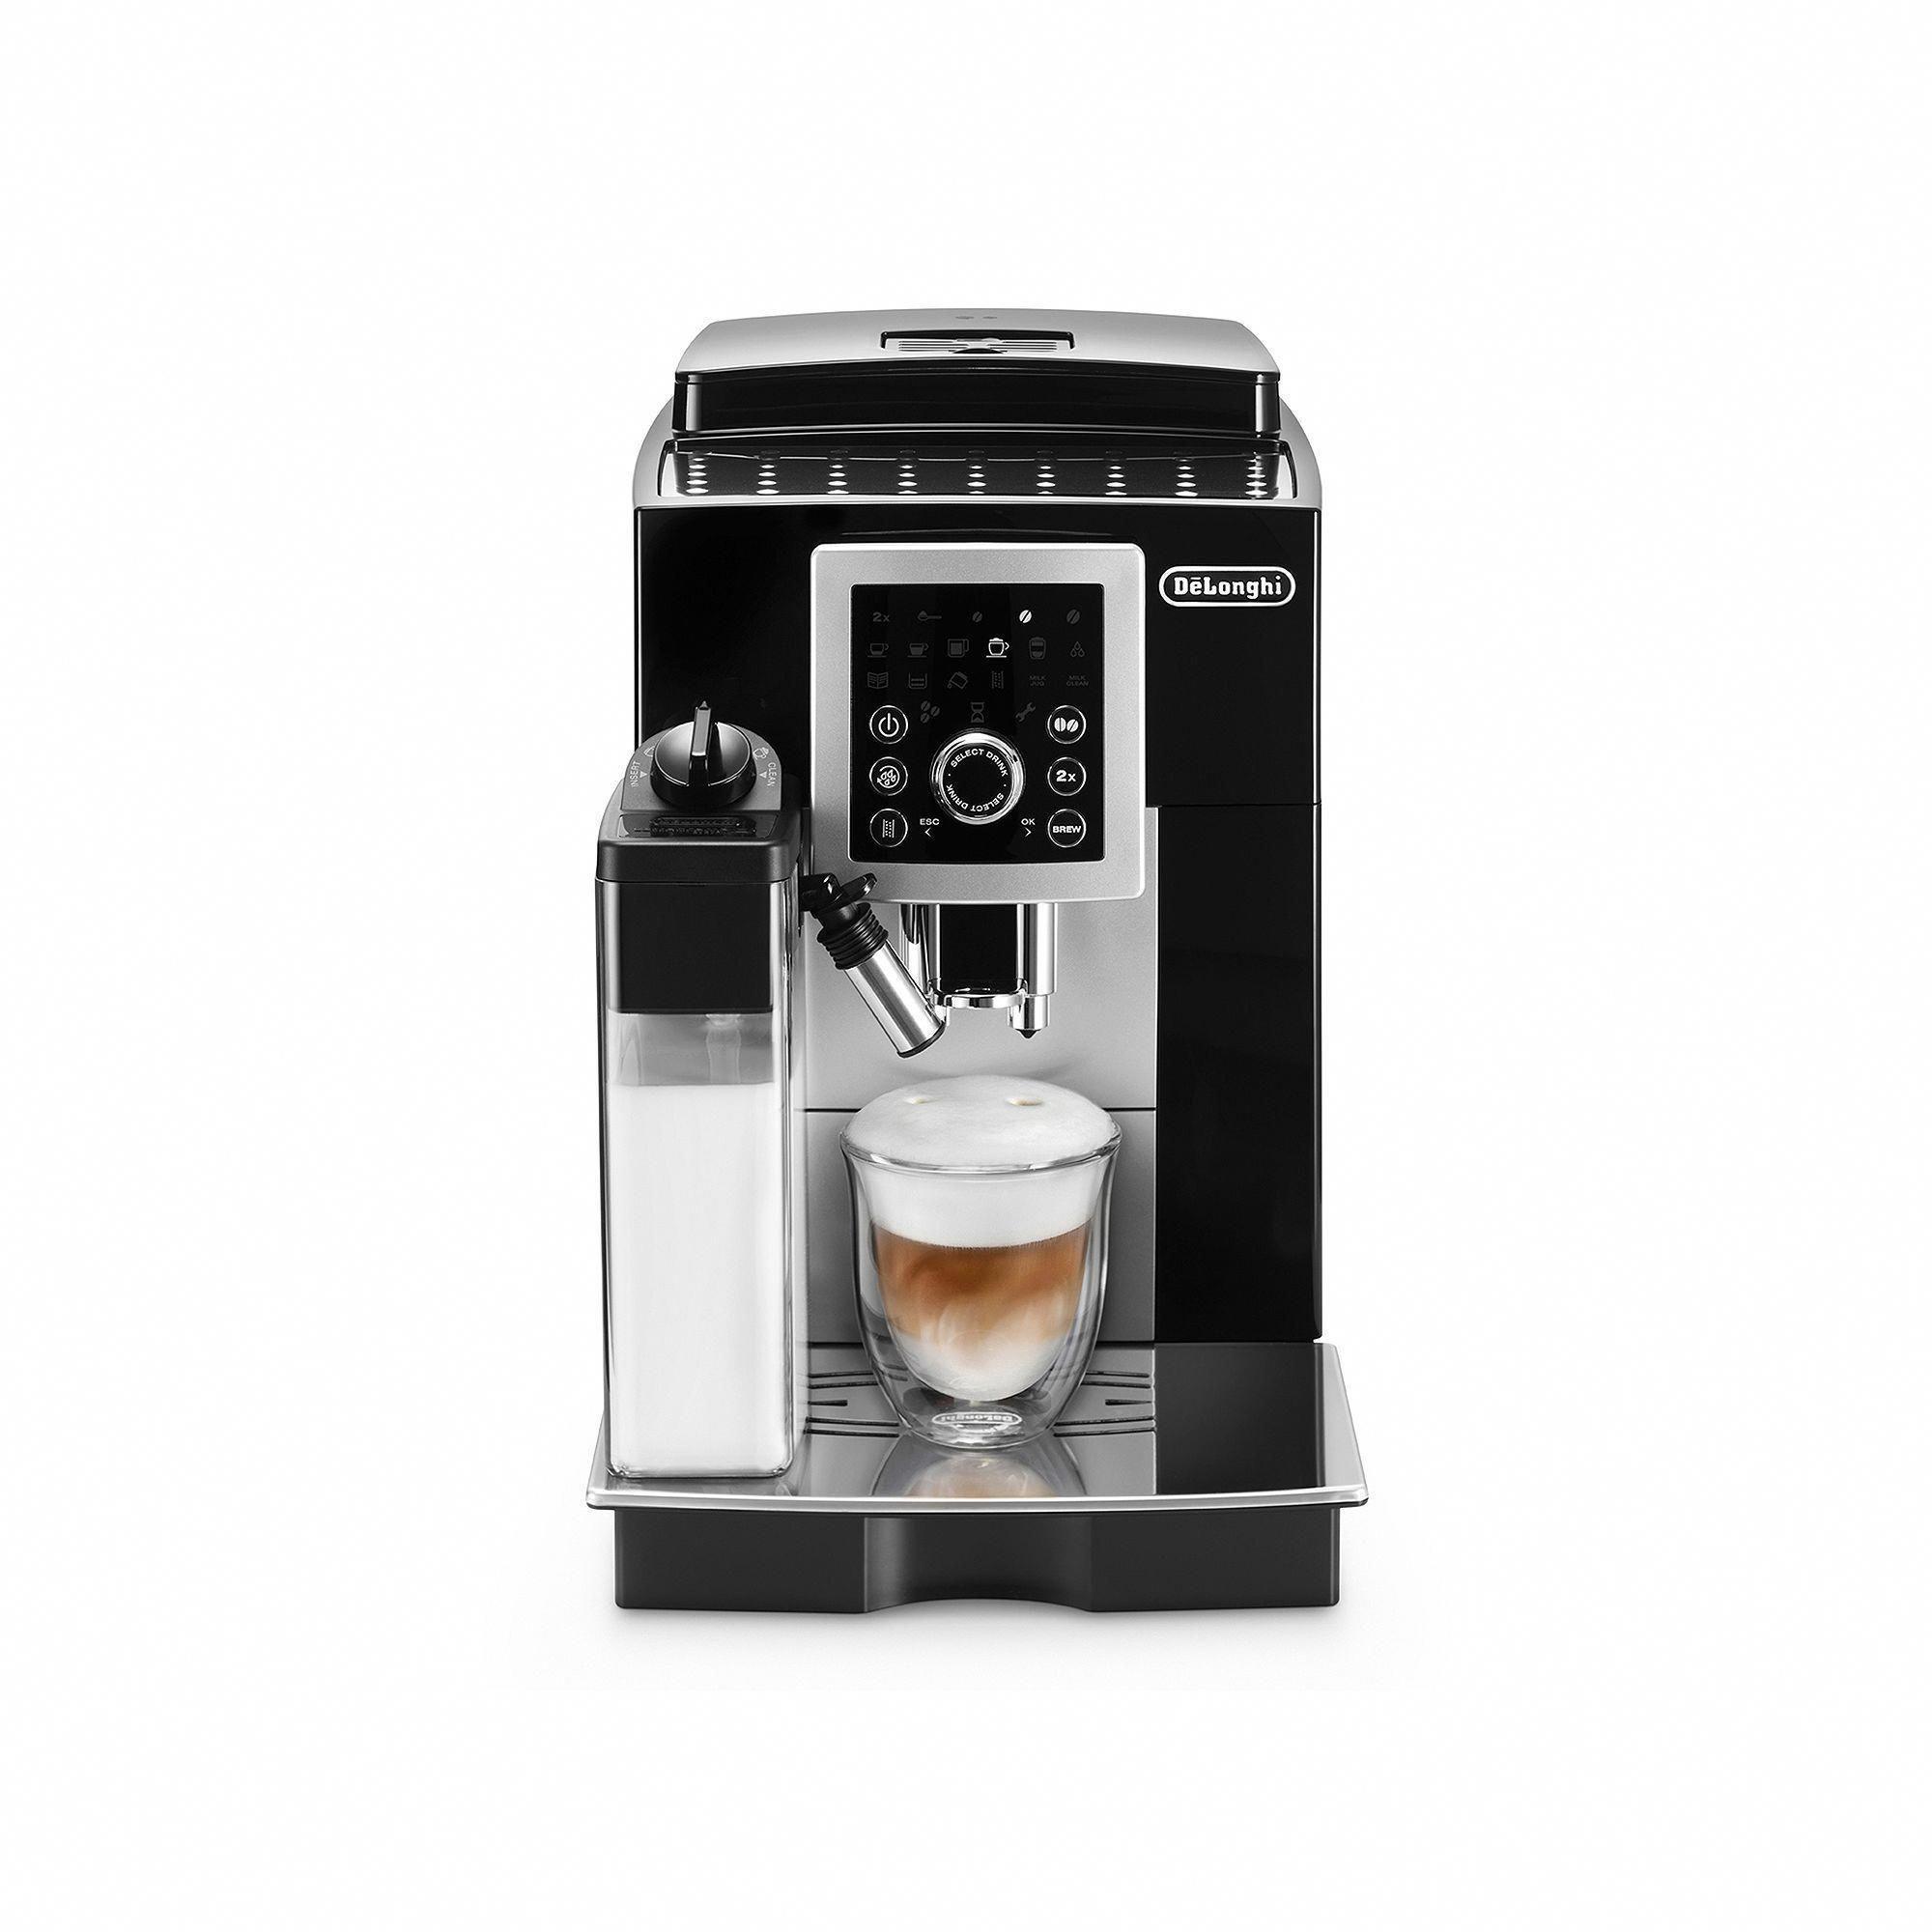 DeLonghi Cappuccino Machine, Multicolor